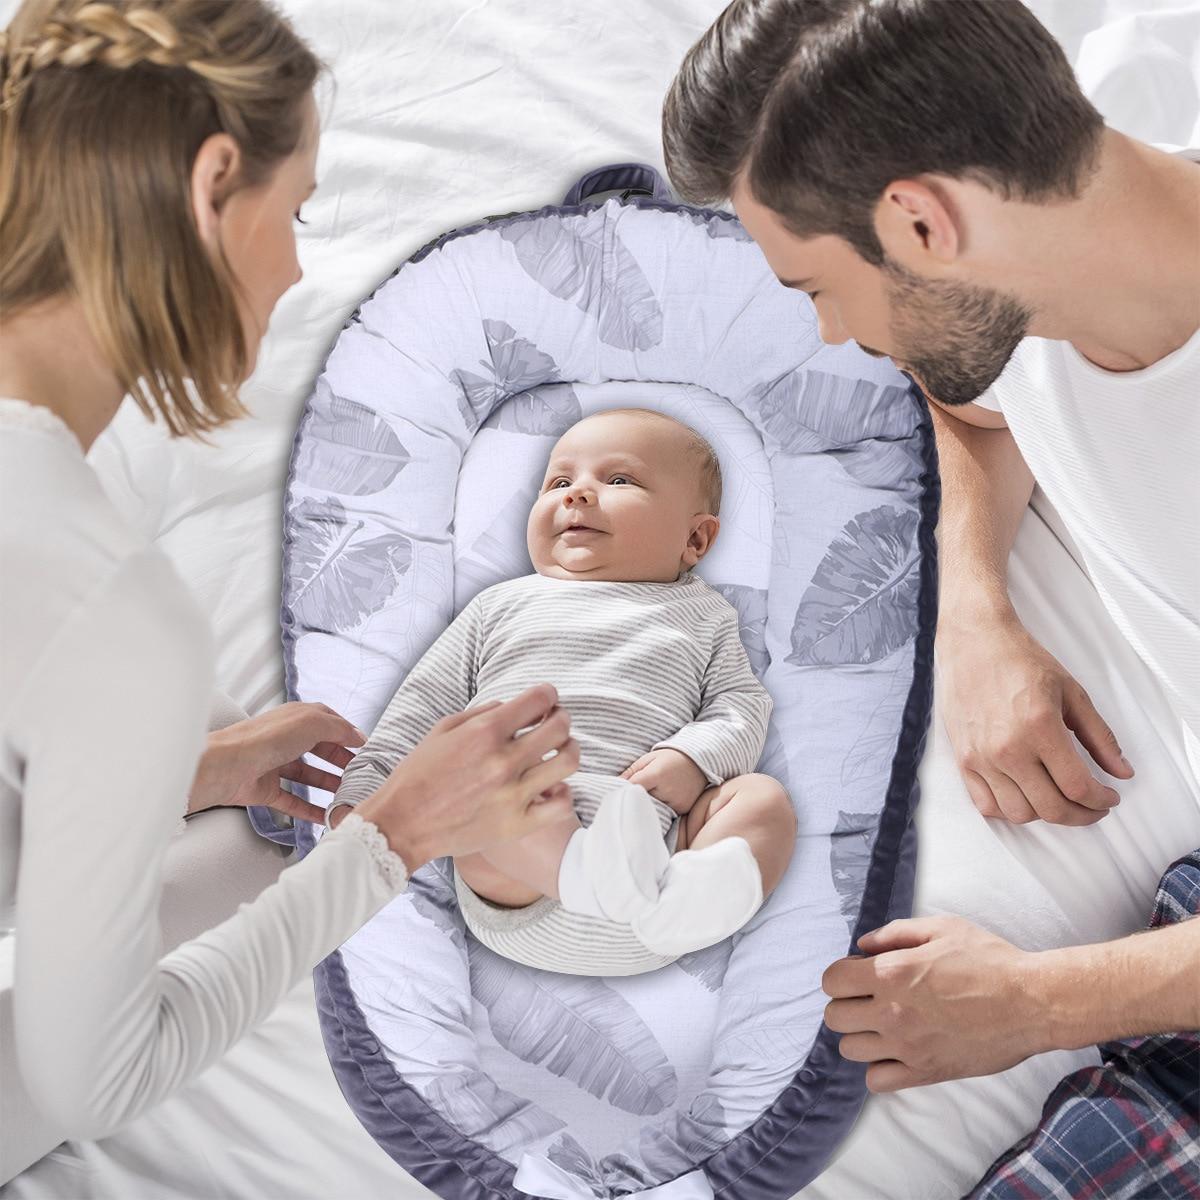 80*50 cm lit de berceau doux bébé nid Portable lavable co-couchage lit berceau Co dormeur nacelle 0-24 M couffin bébé berceau